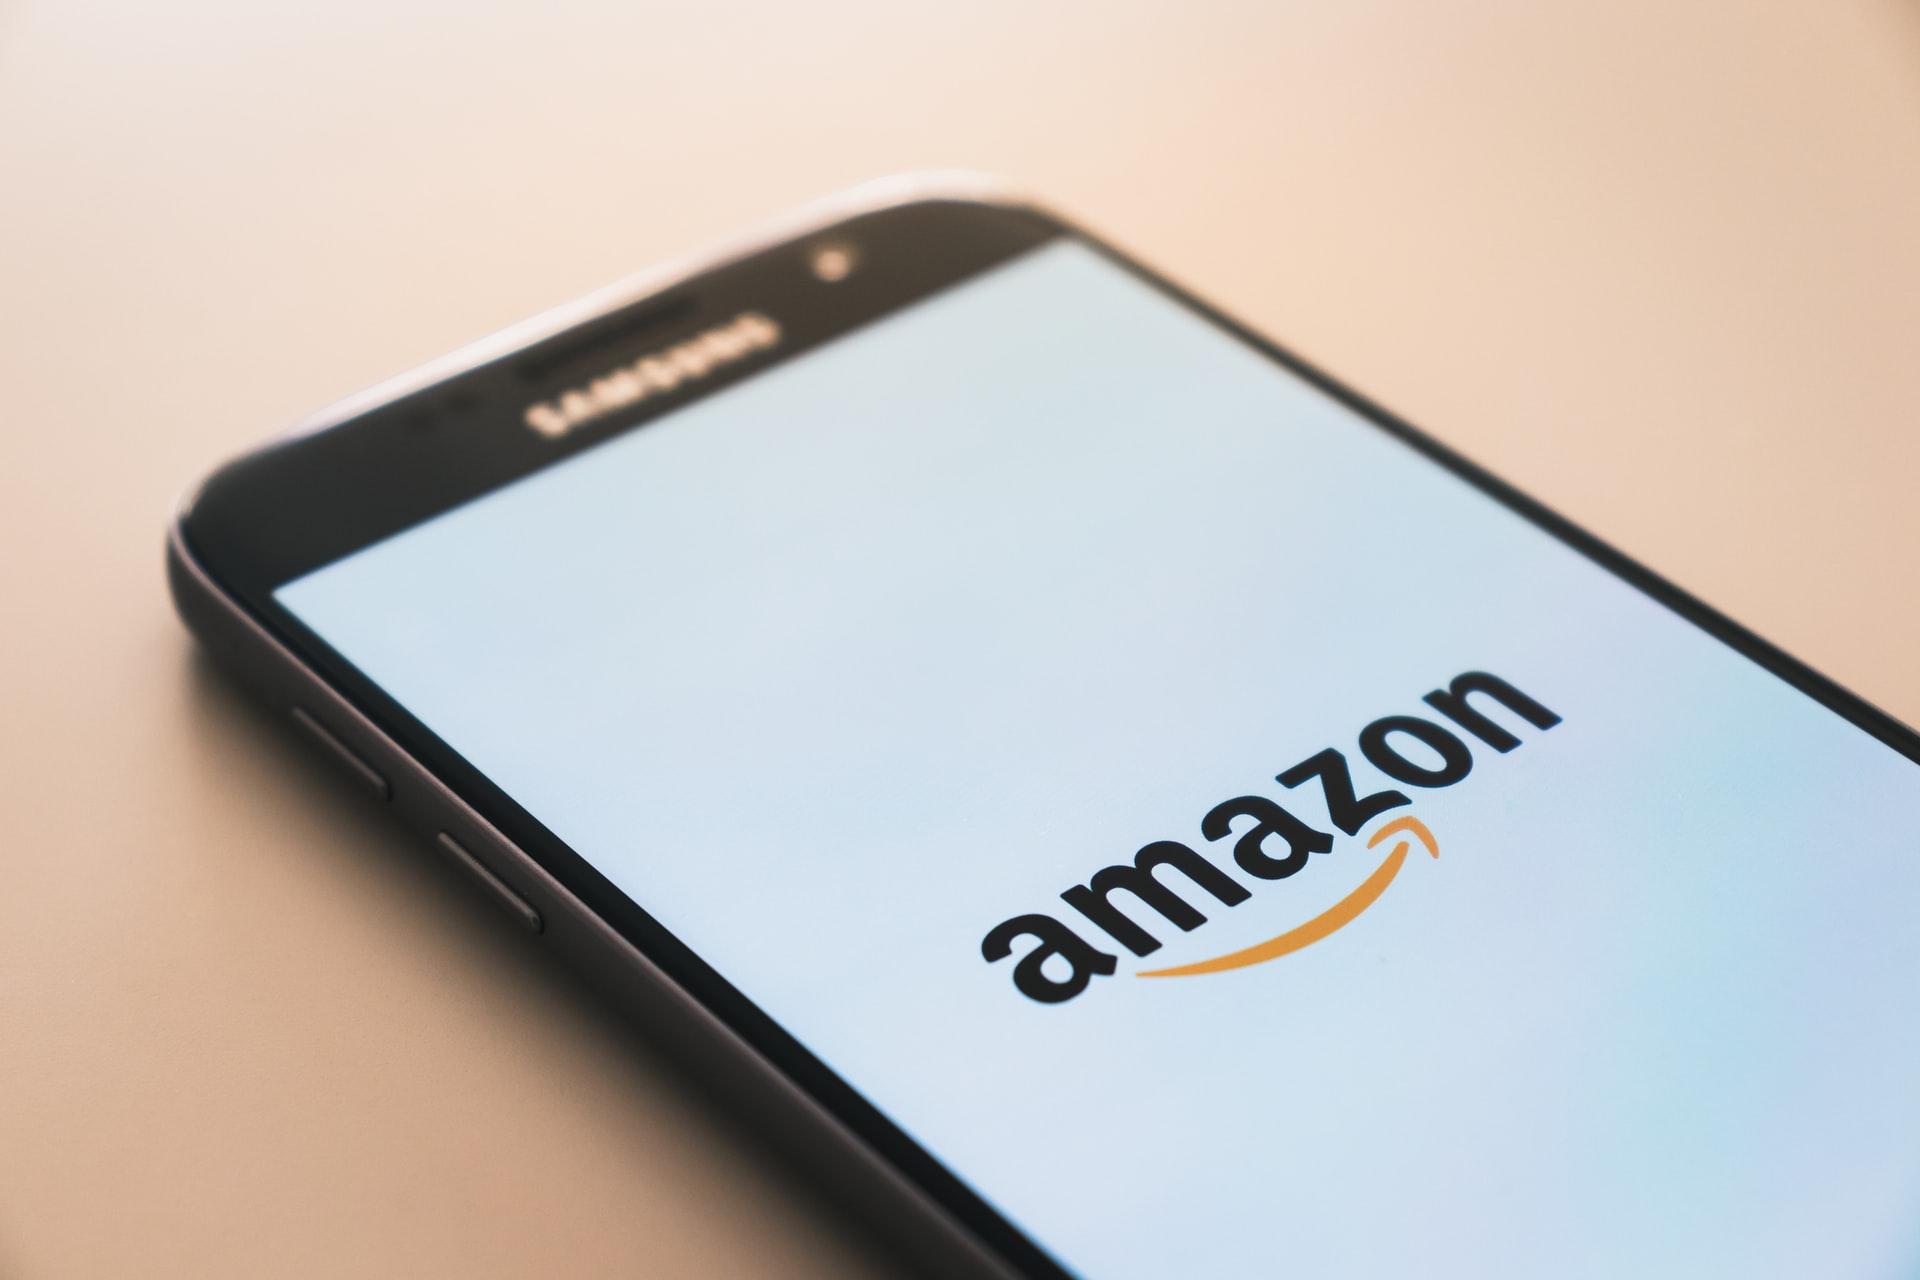 Jeff Bezos verkaufte kurz vor dem Zusammenbruch der Börsen 3,4 Mrd. USD an Amazon-Aktien